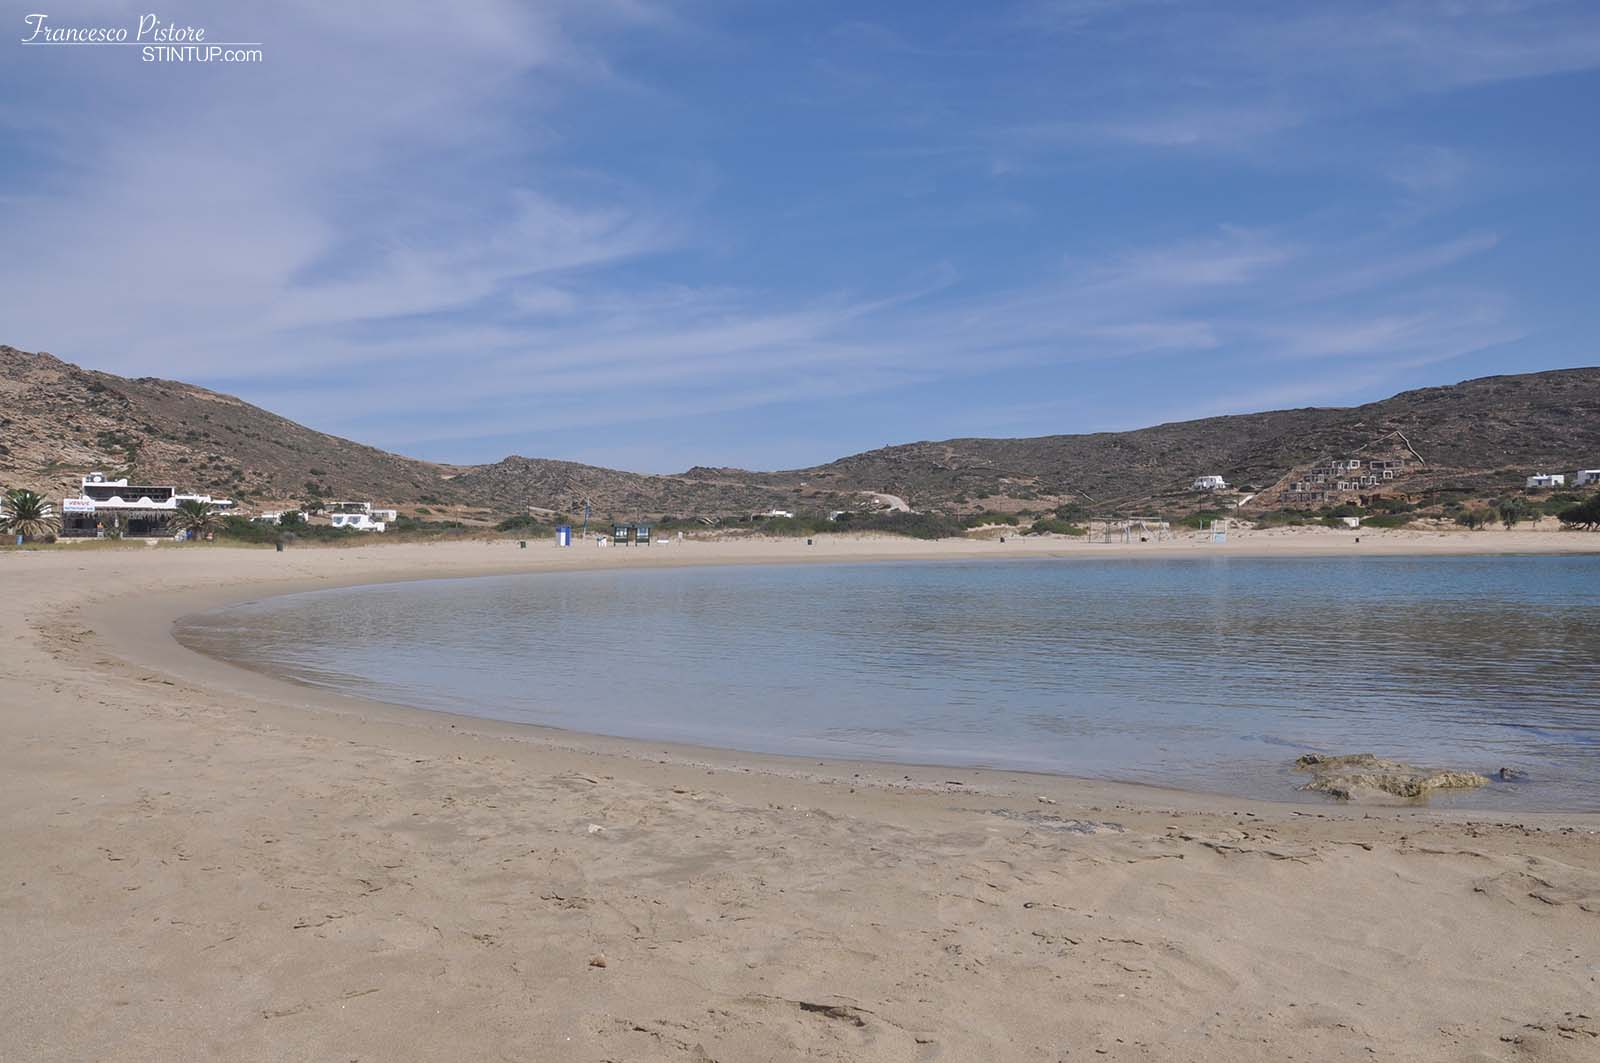 La spiaggia di Maganari